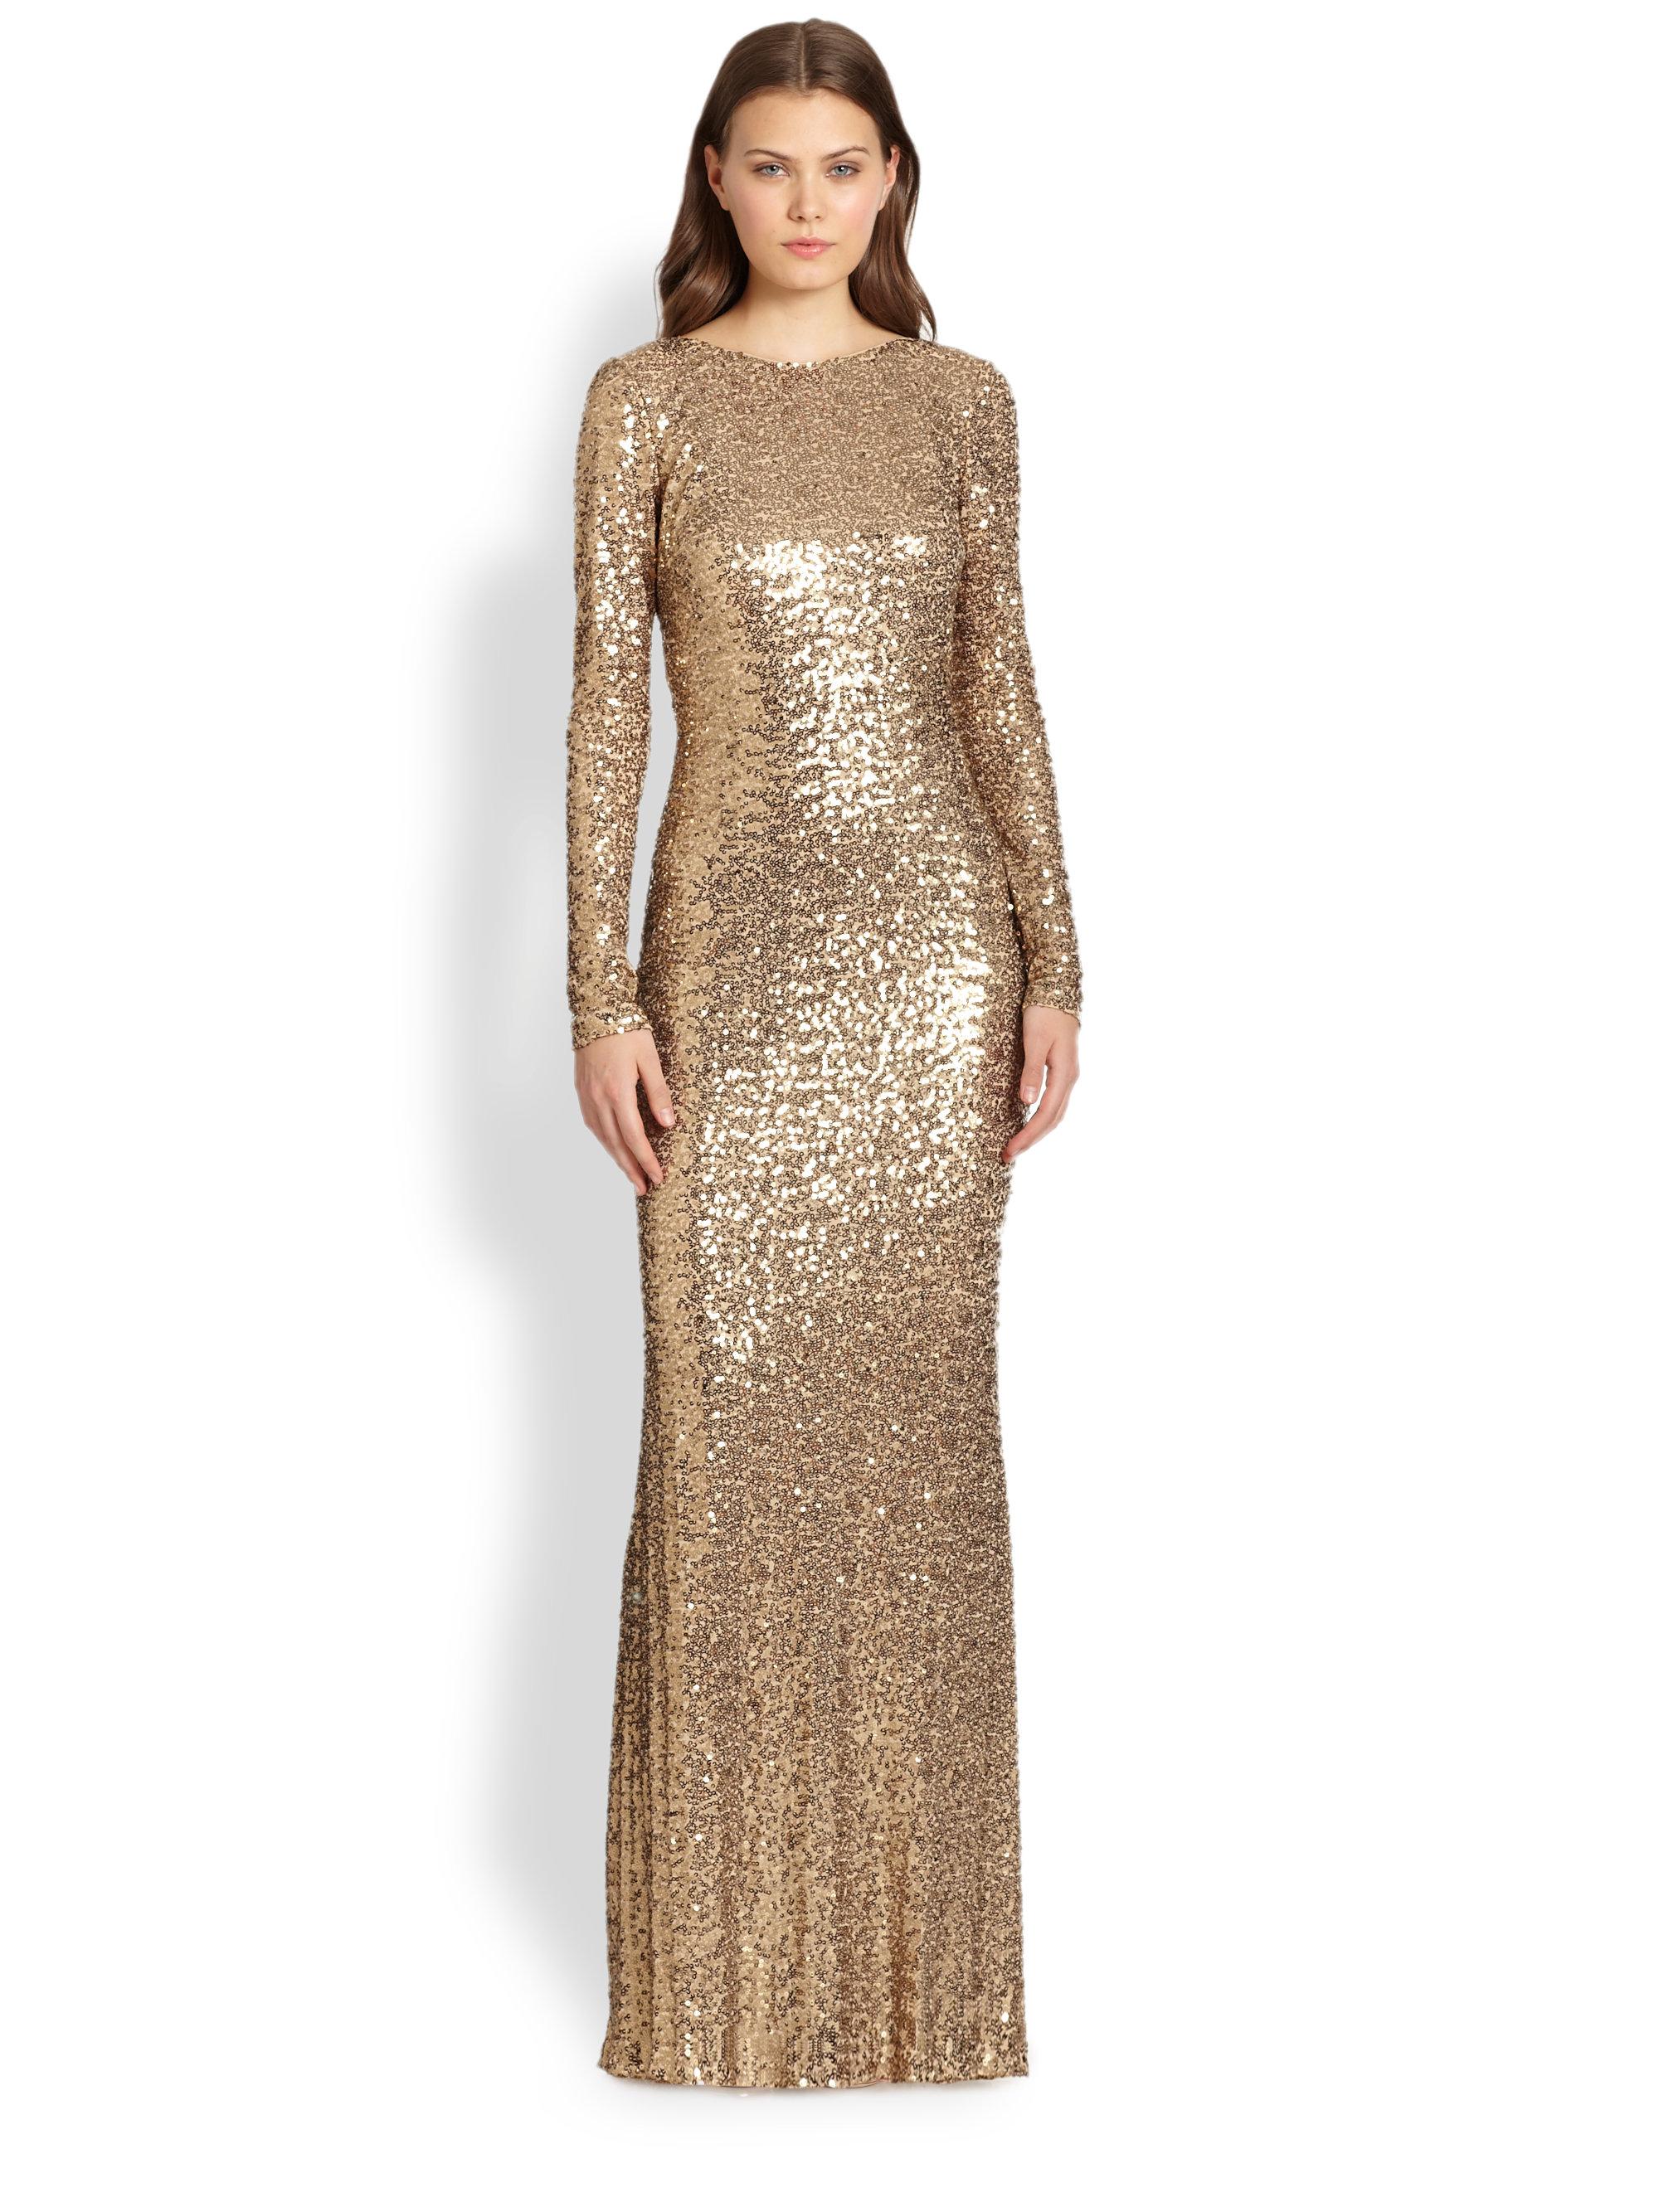 Lyst - Badgley mischka Sequin Cowlback Gown in Metallic